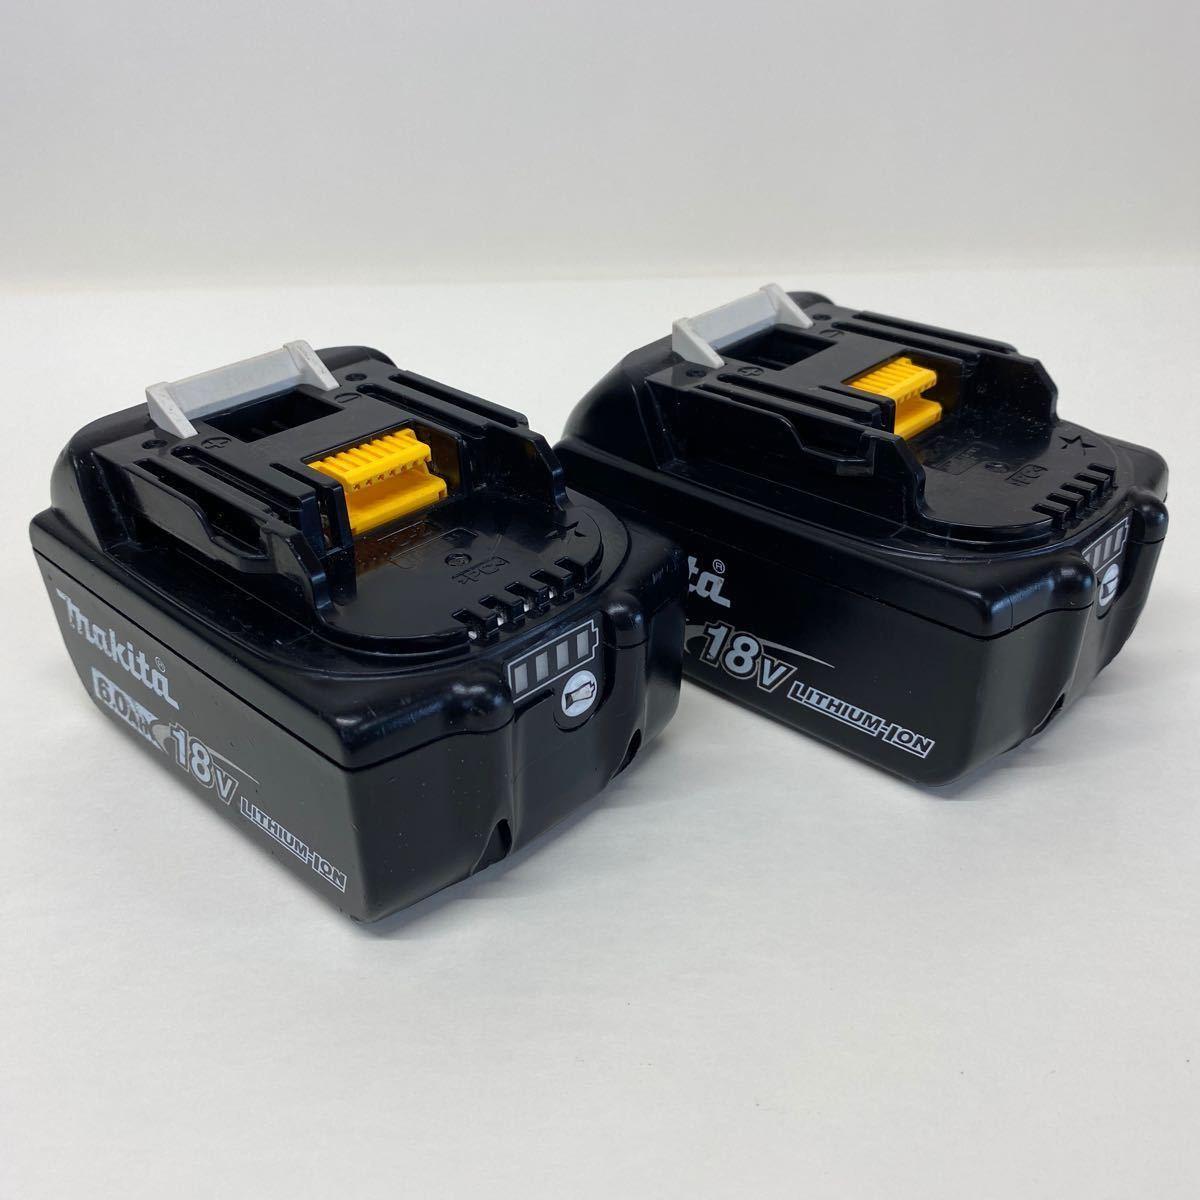 【中古・完動品】マキタ Makita TD171D 充電式インパクトドライバ 18v 『ブルー』BL1860B×2 DC18RF充電器 フルセット TD171DRGX 純正品_画像8